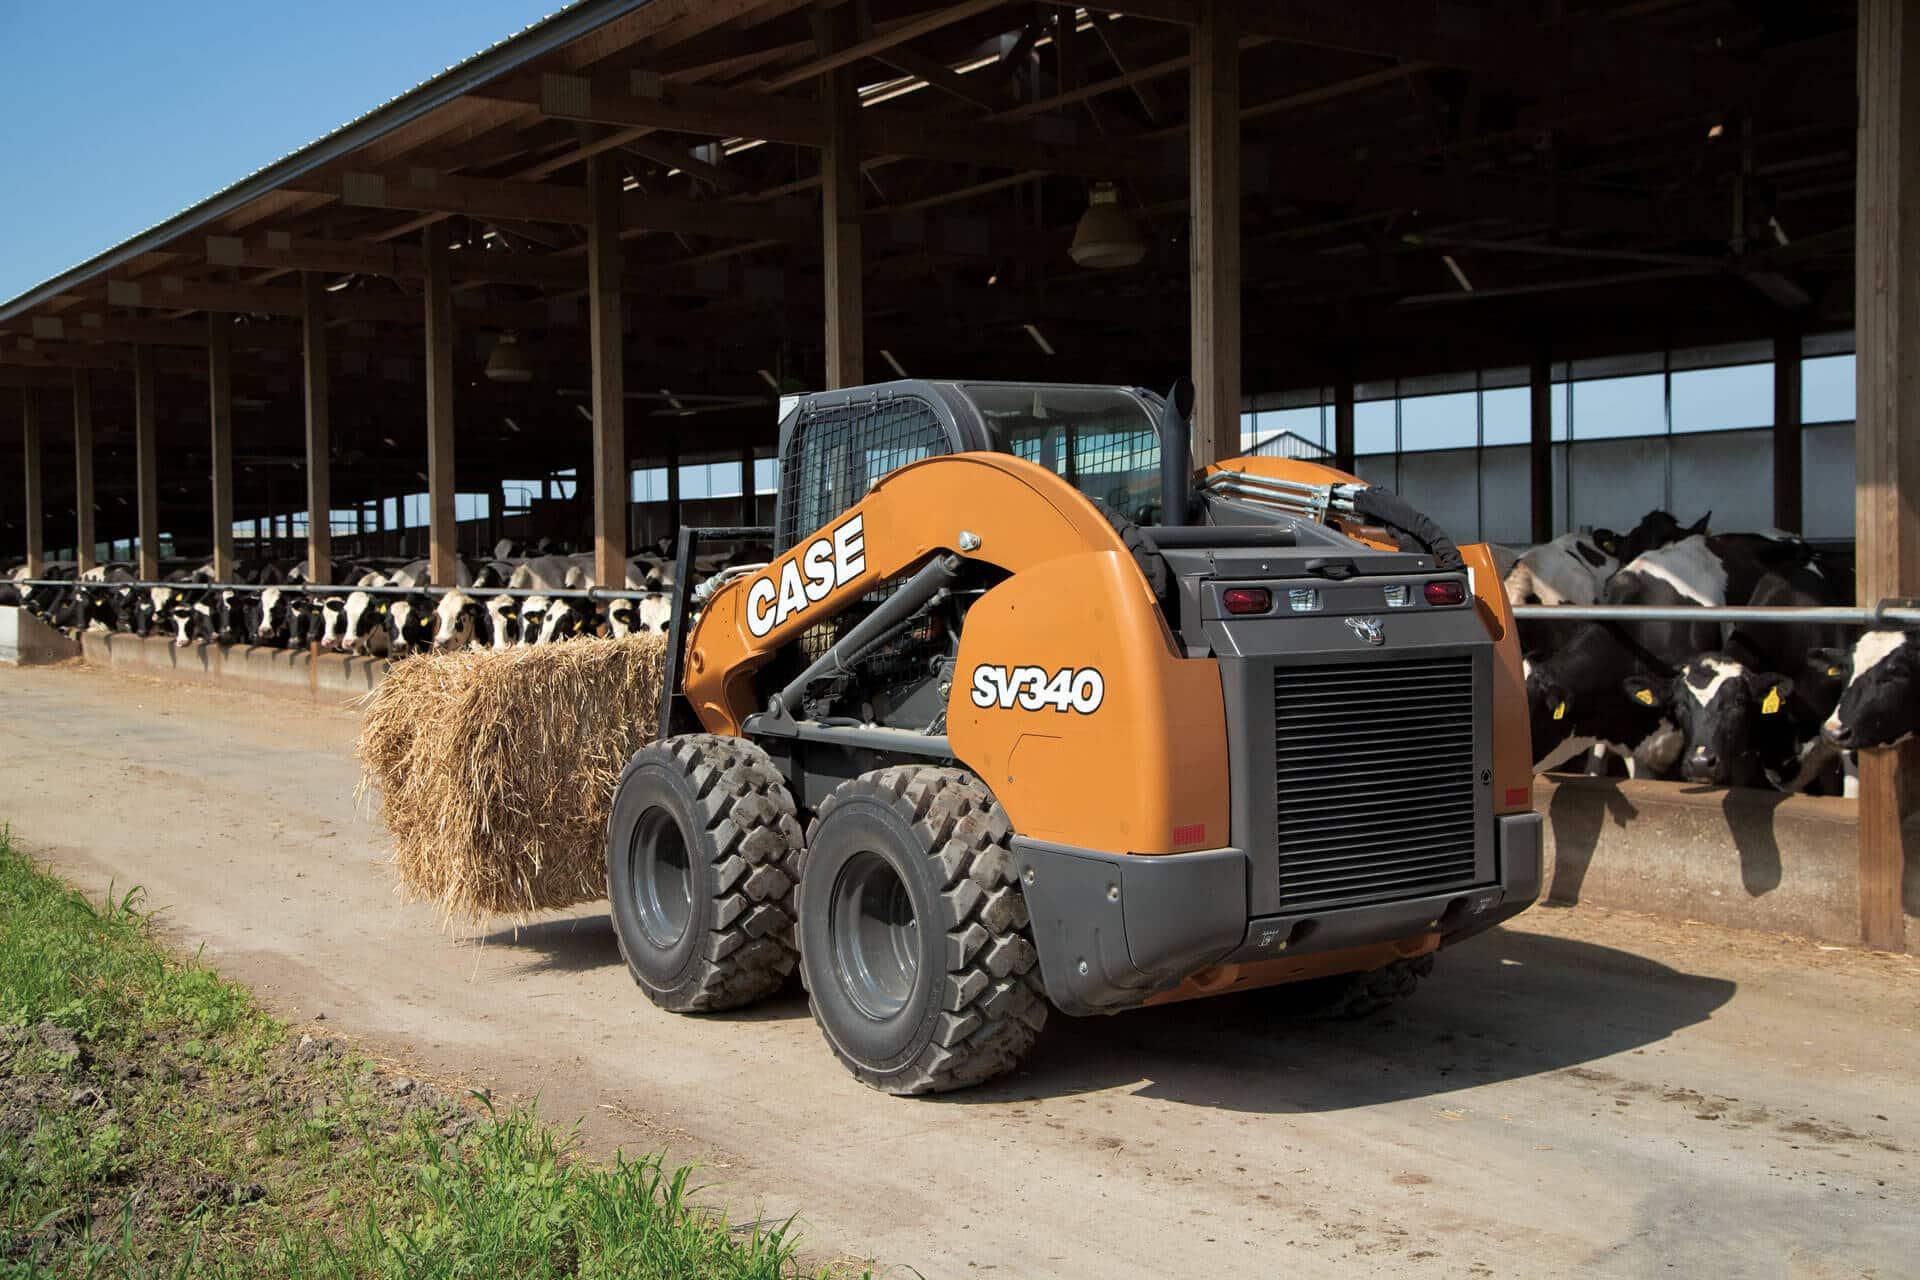 Steer Case Skid : Case sv skid steer loader construction equipment